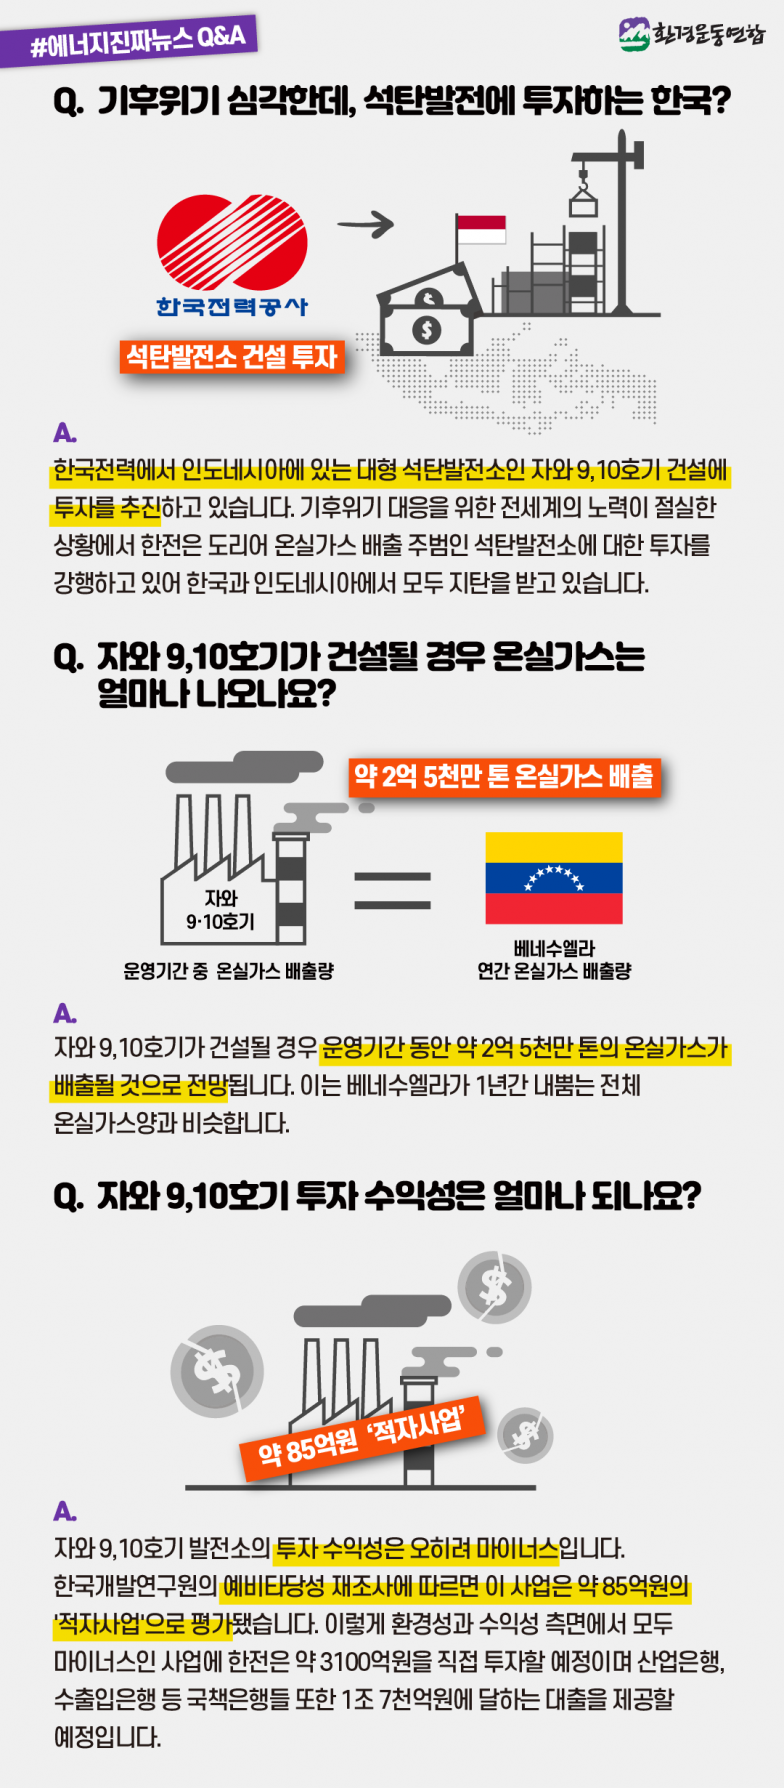 19에진뉴_카드뉴스_대지 6.png